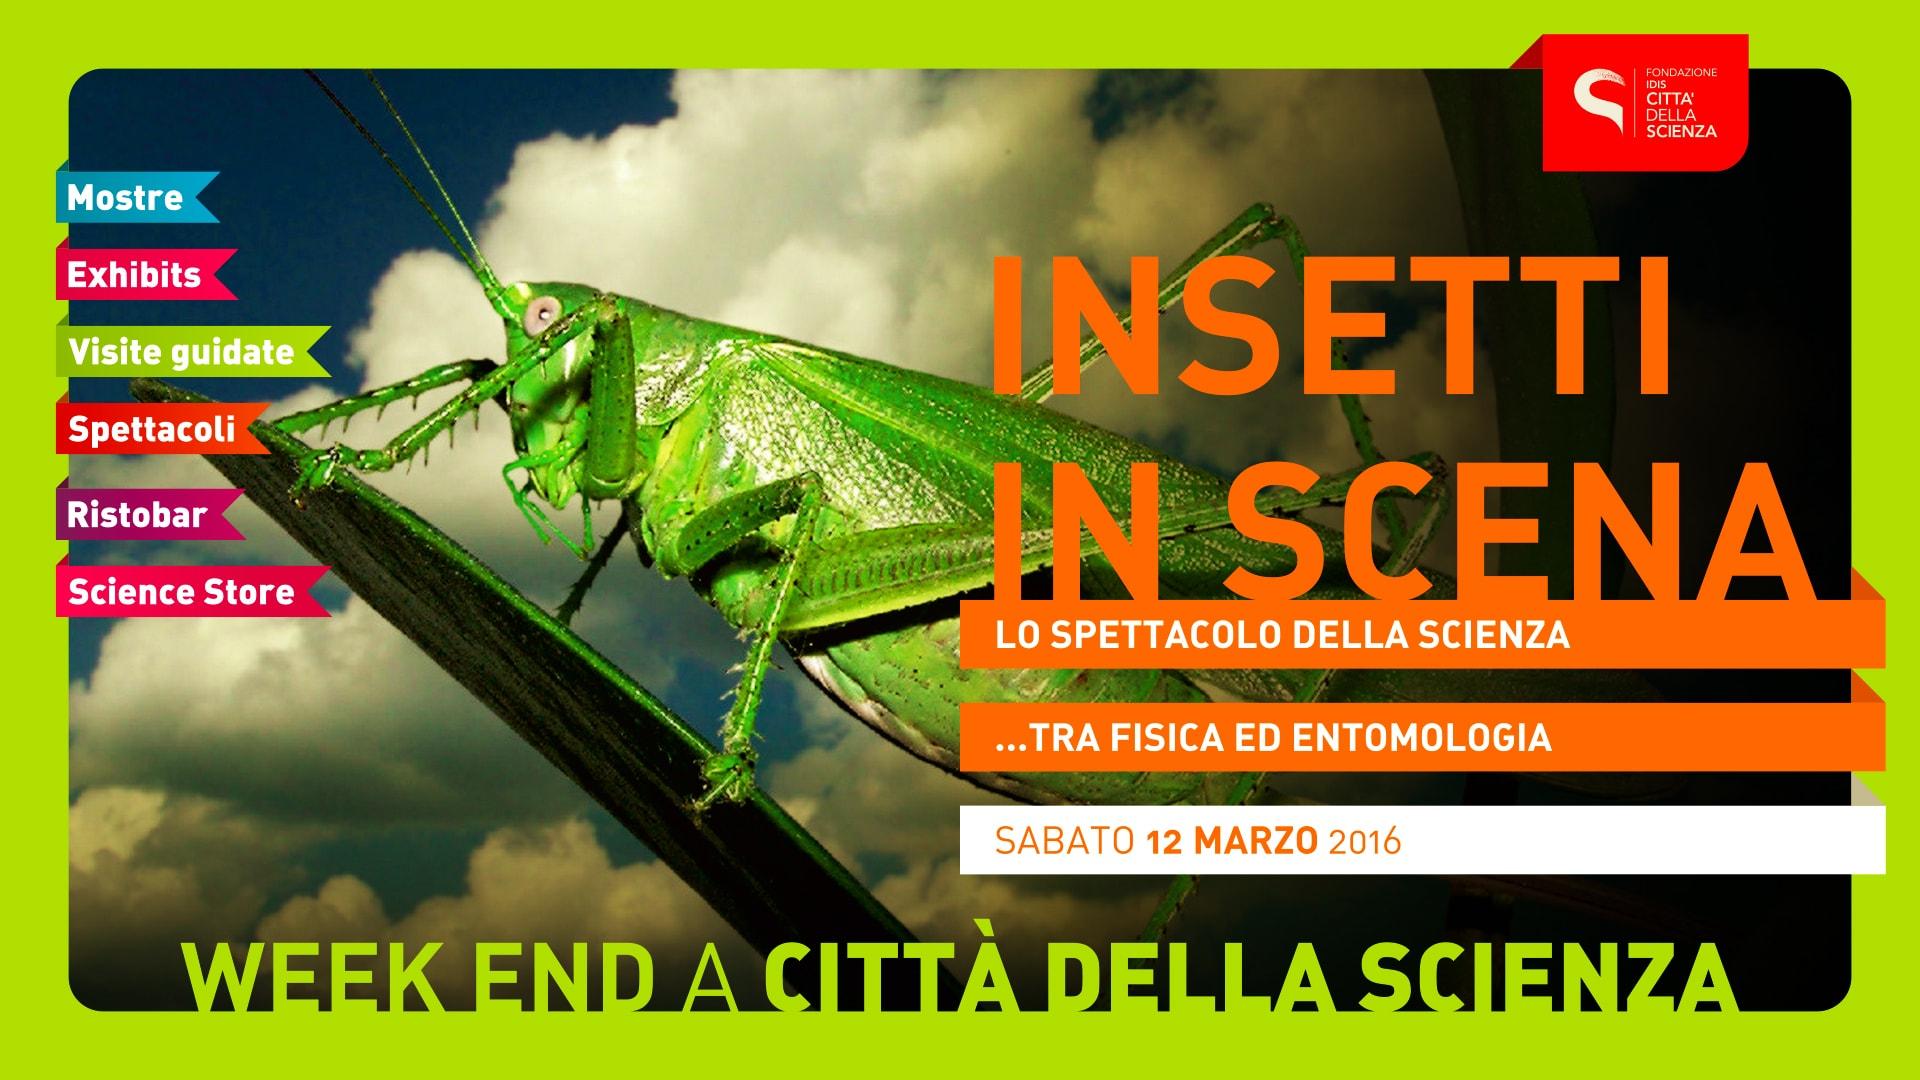 INSETTI_IN_SCENA_1920_x_1080-min